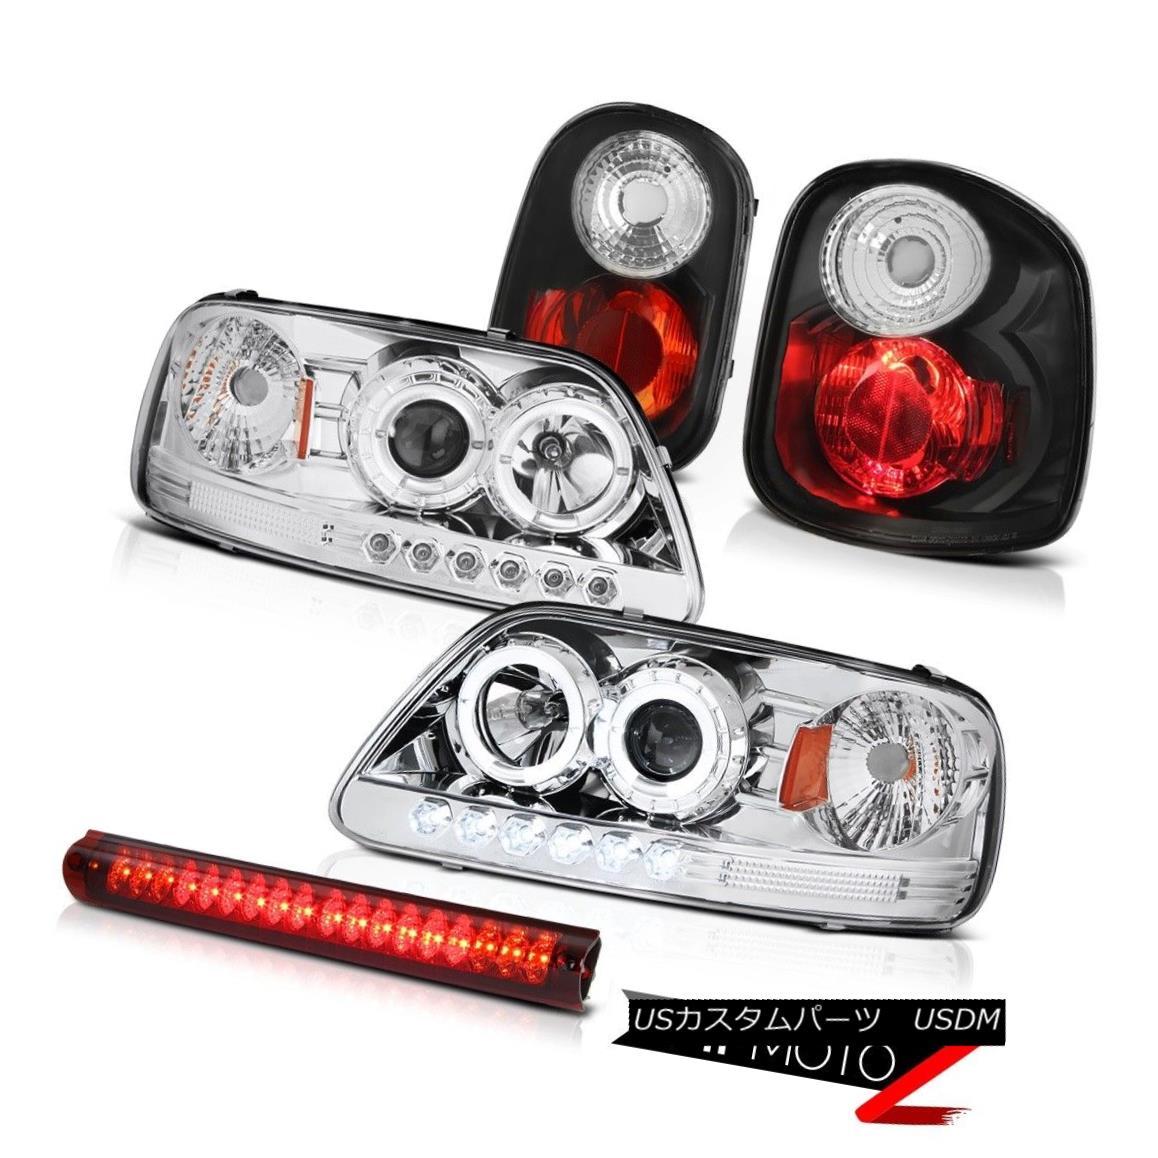 ヘッドライト Chrome LED Daytime Headlights Black Tail Lights 3rd Brake Red 2001-2003 F150 XLT クロームLEDデイタイムヘッドライトブラックテールライト3rdブレーキレッド2001-2003 F150 XLT